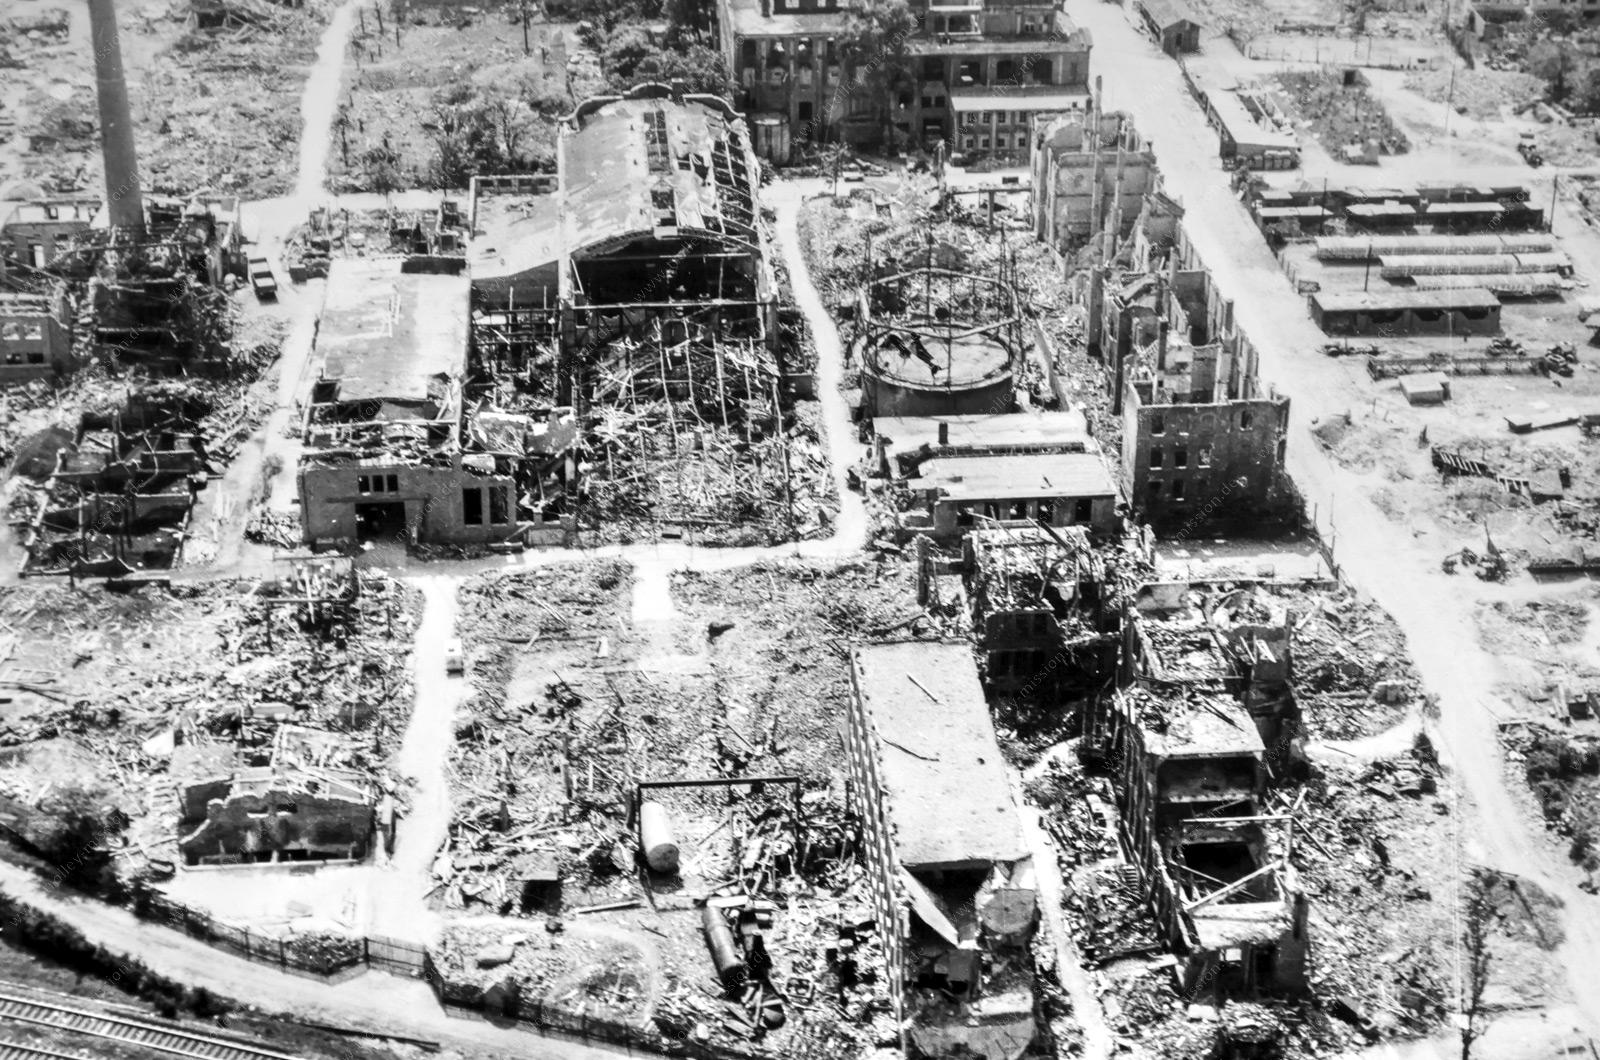 Werksgelände der Firma Heraeus in Hanau - Luftbild aus dem Zweiten Weltkrieg